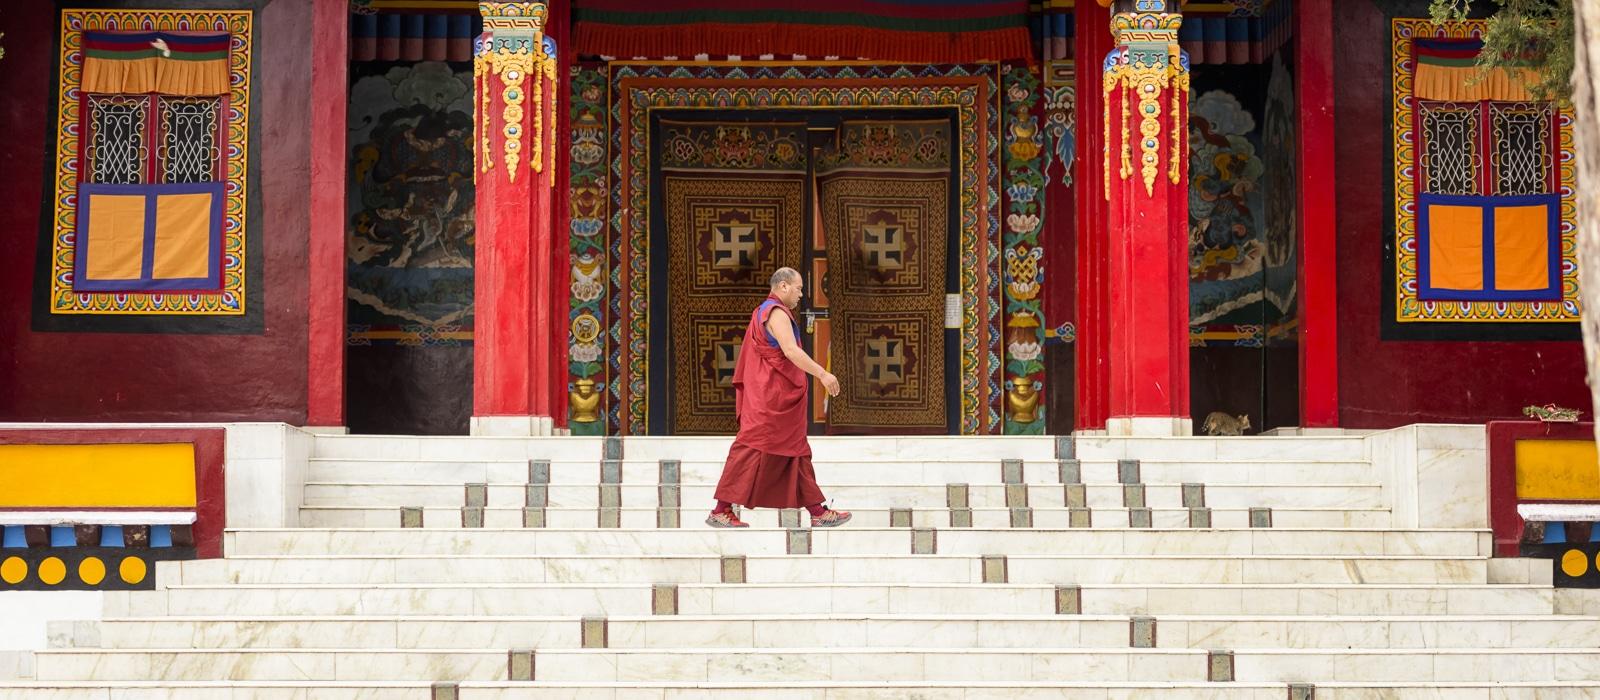 Voyage organisé en petit groupe - monastère Bon - Inde du nord - Agence de voyage Les Routes du Monde